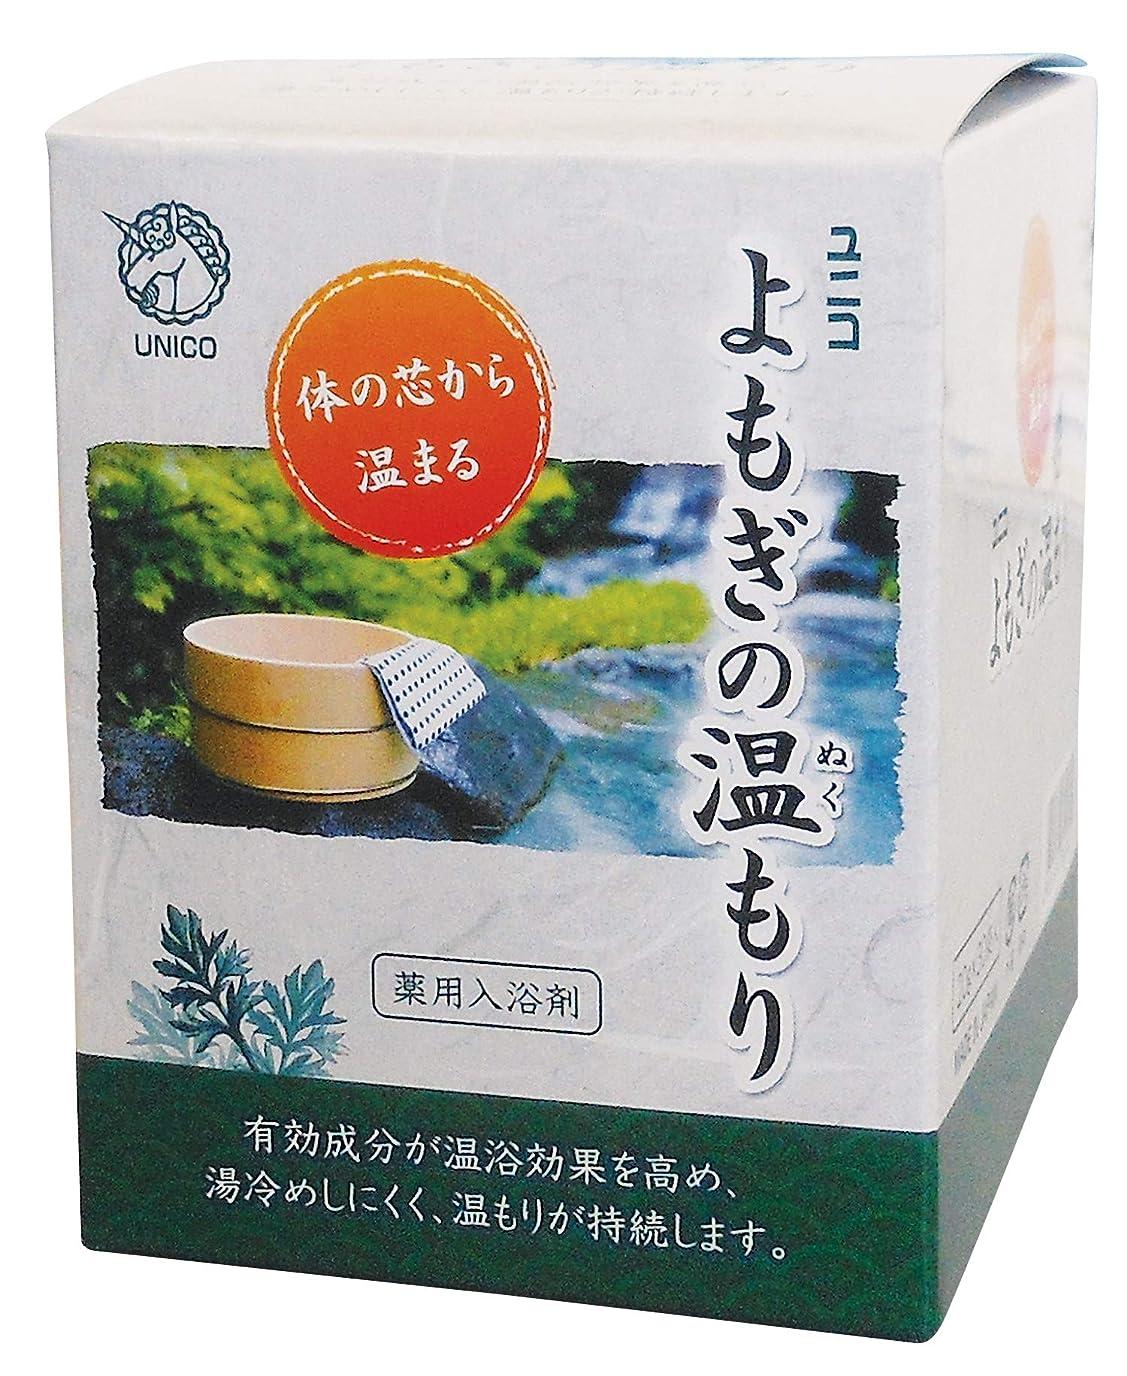 受動的幹アルコーブユニコ 薬用入浴剤 よもぎの温もり 20g×30袋入